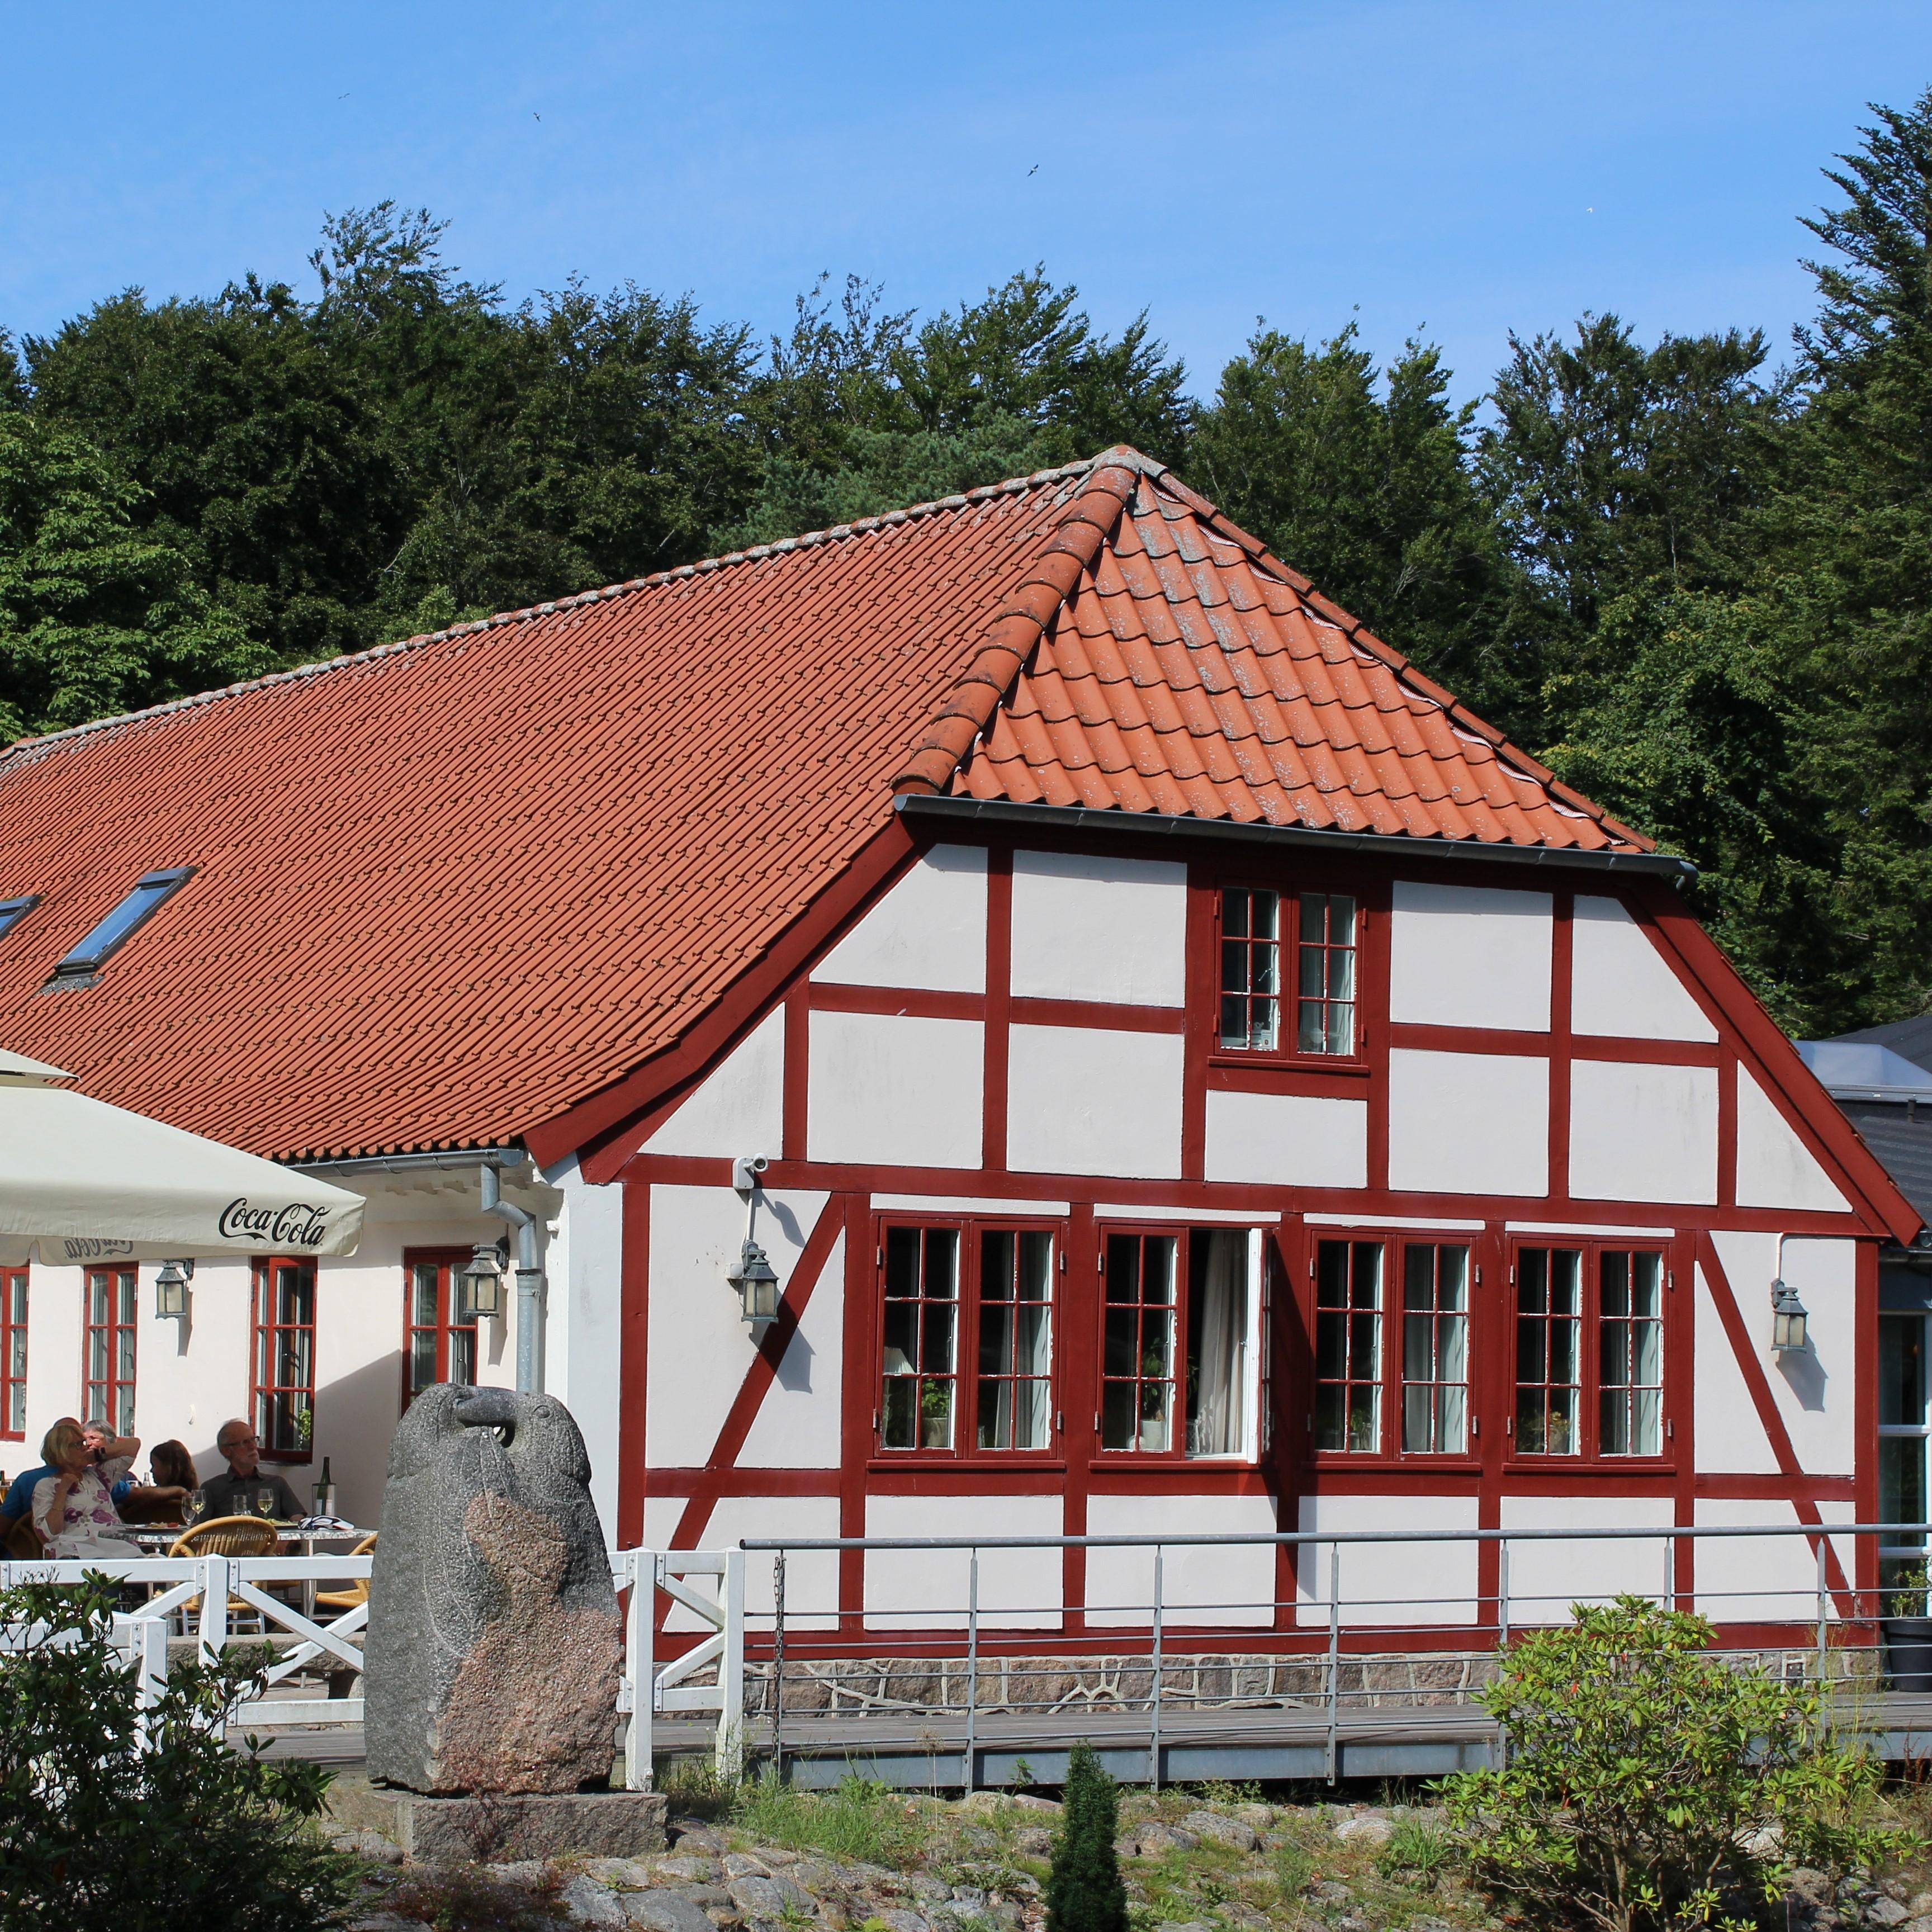 Restaurant Møllehuset Frederikshavn kontakt os